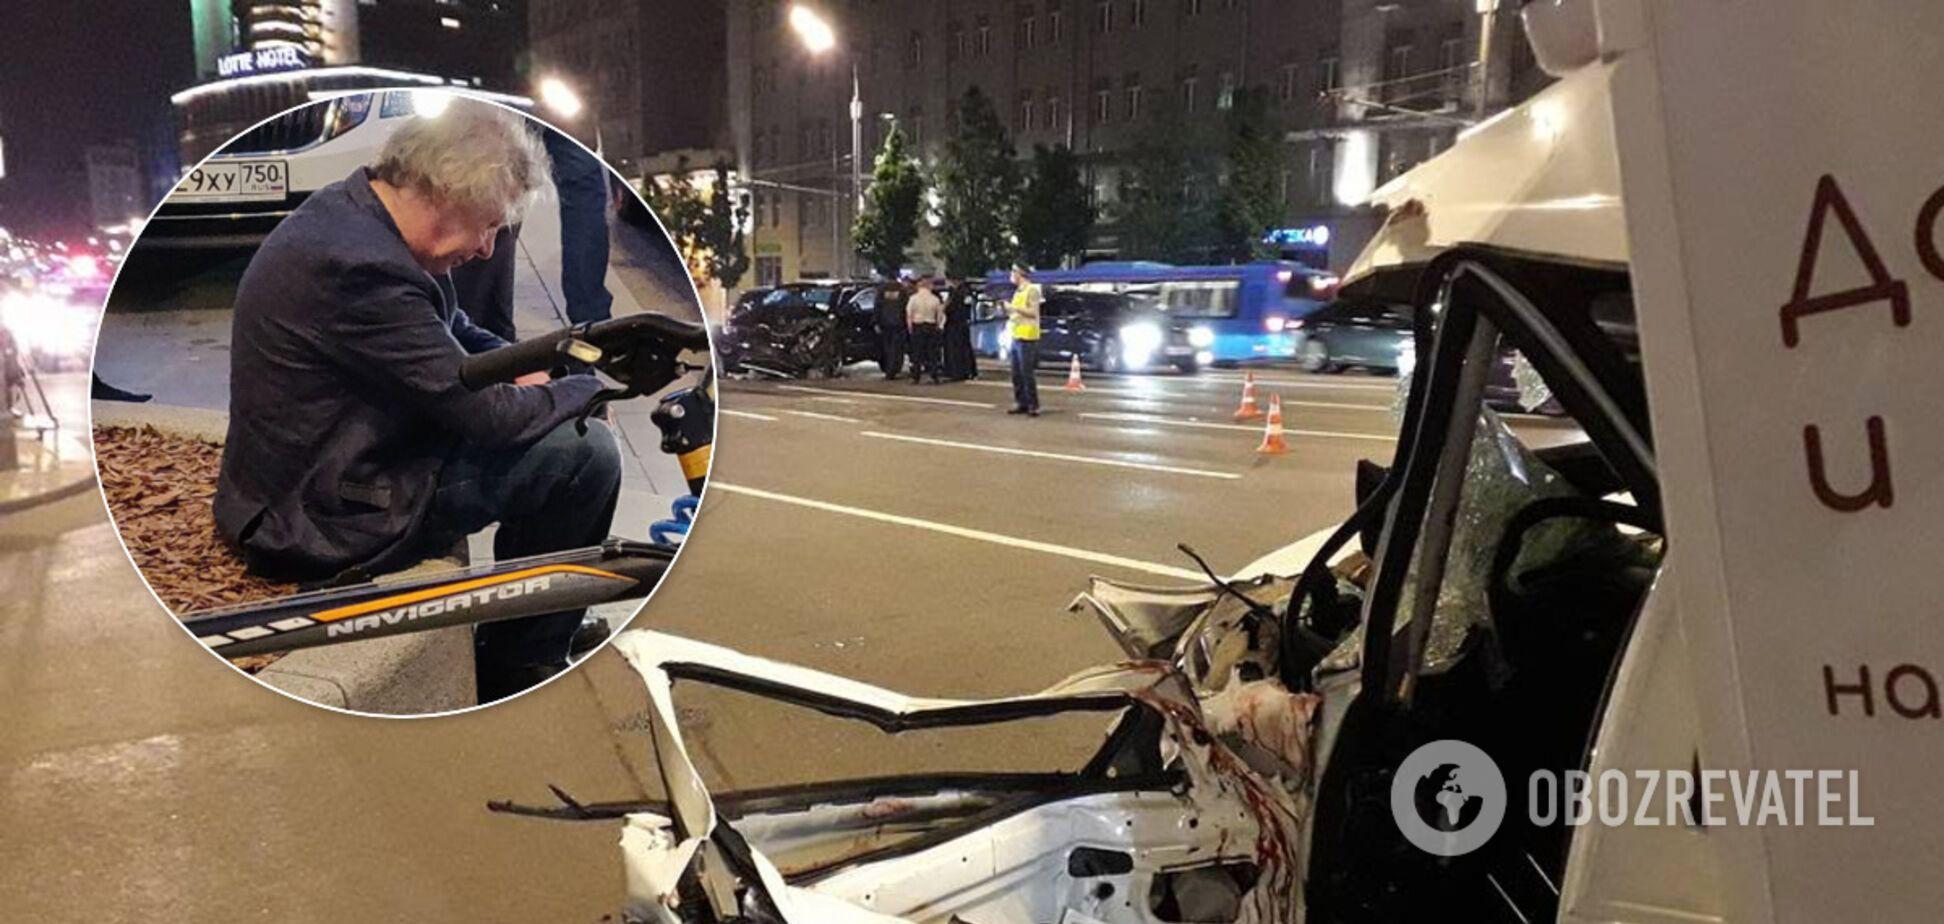 Актер Ефремов устрои смертельное ДТП в Москве (коллаж)